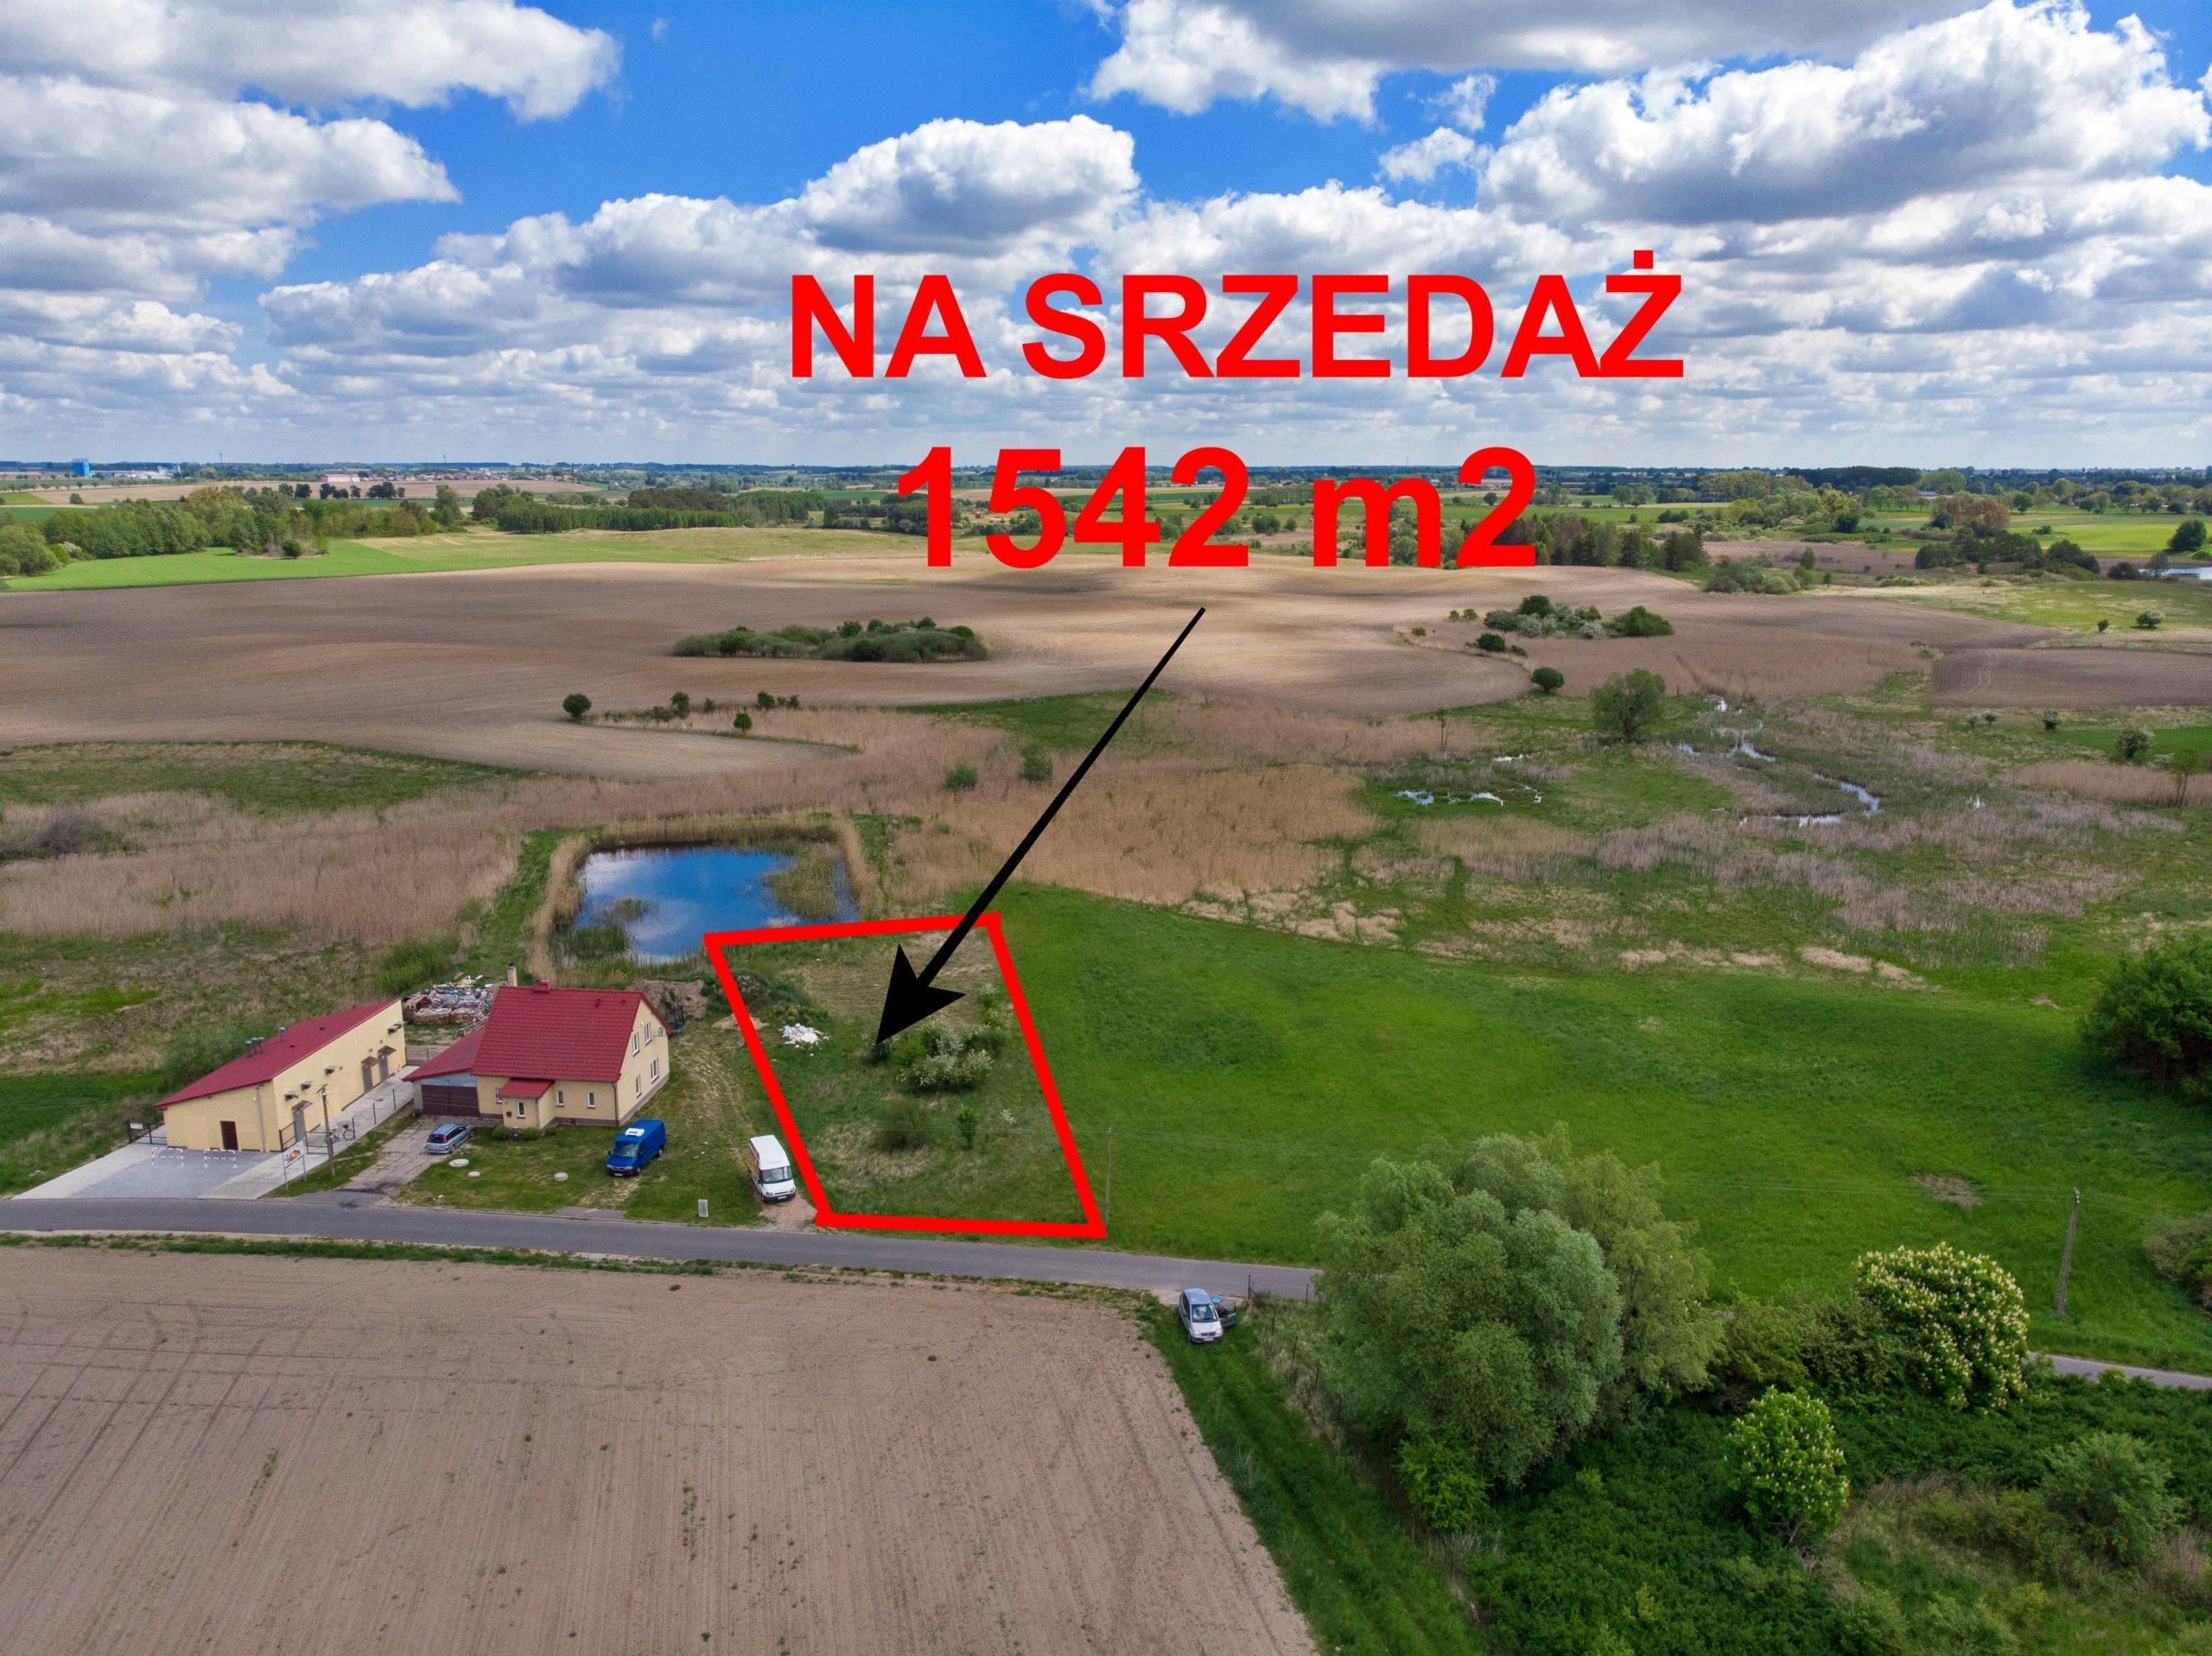 Działka budowlana na sprzedaż, 1542 m2, Karczewko, gm. Kiszkowo